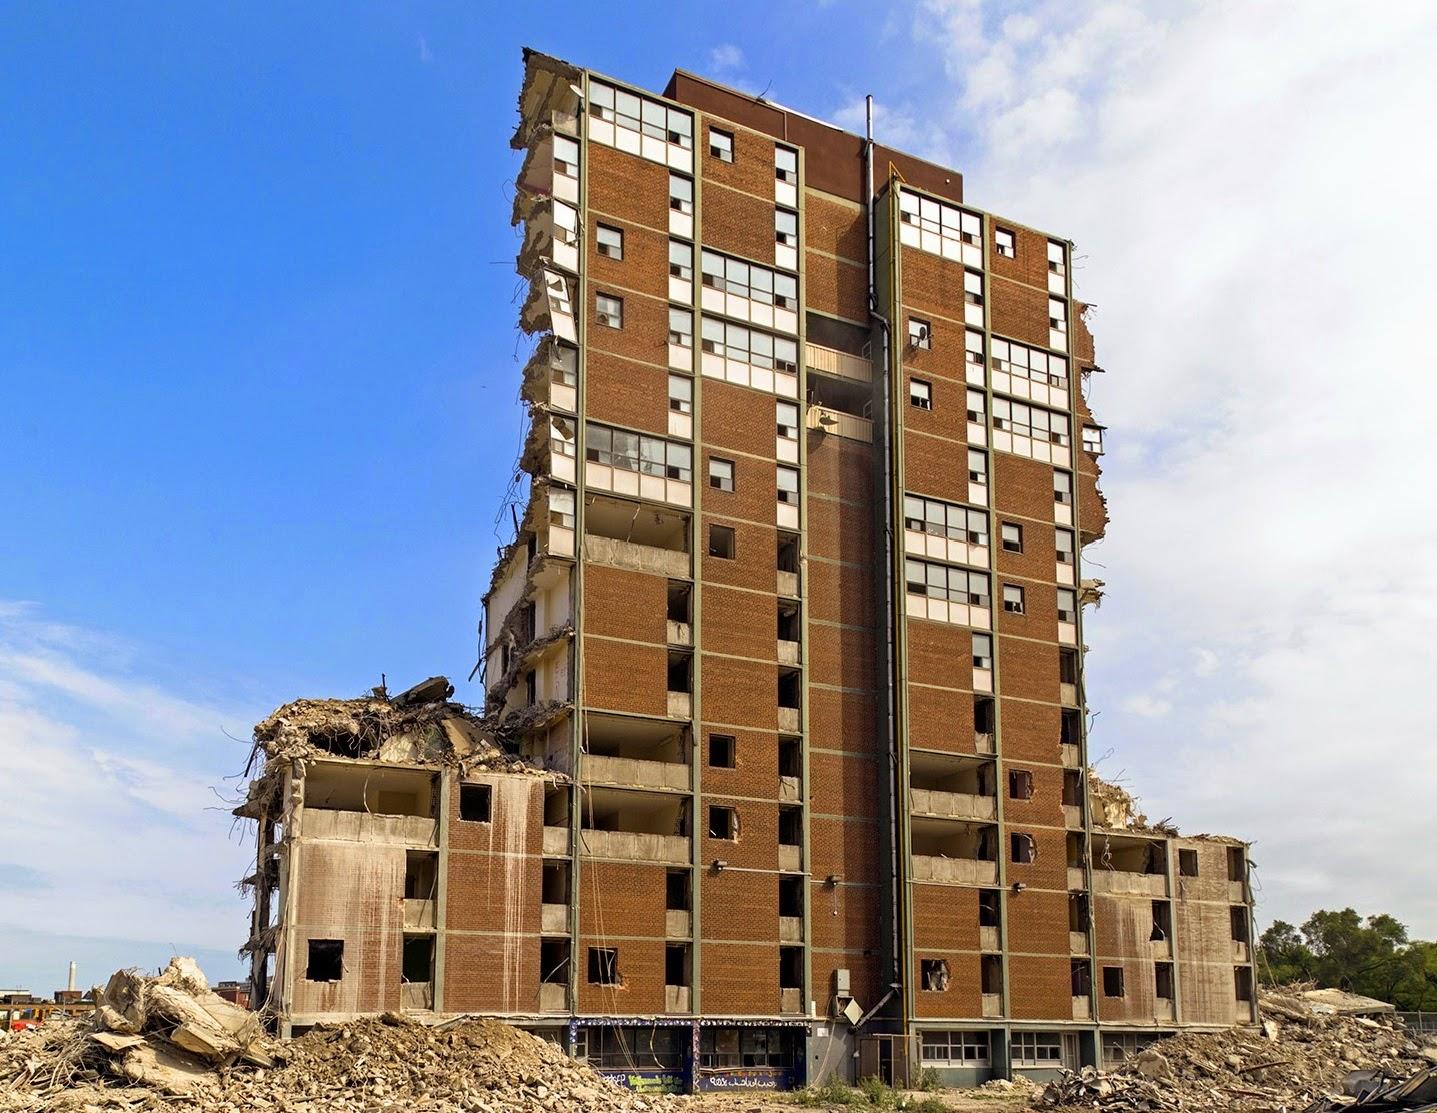 Regent Park demolition, 2014.